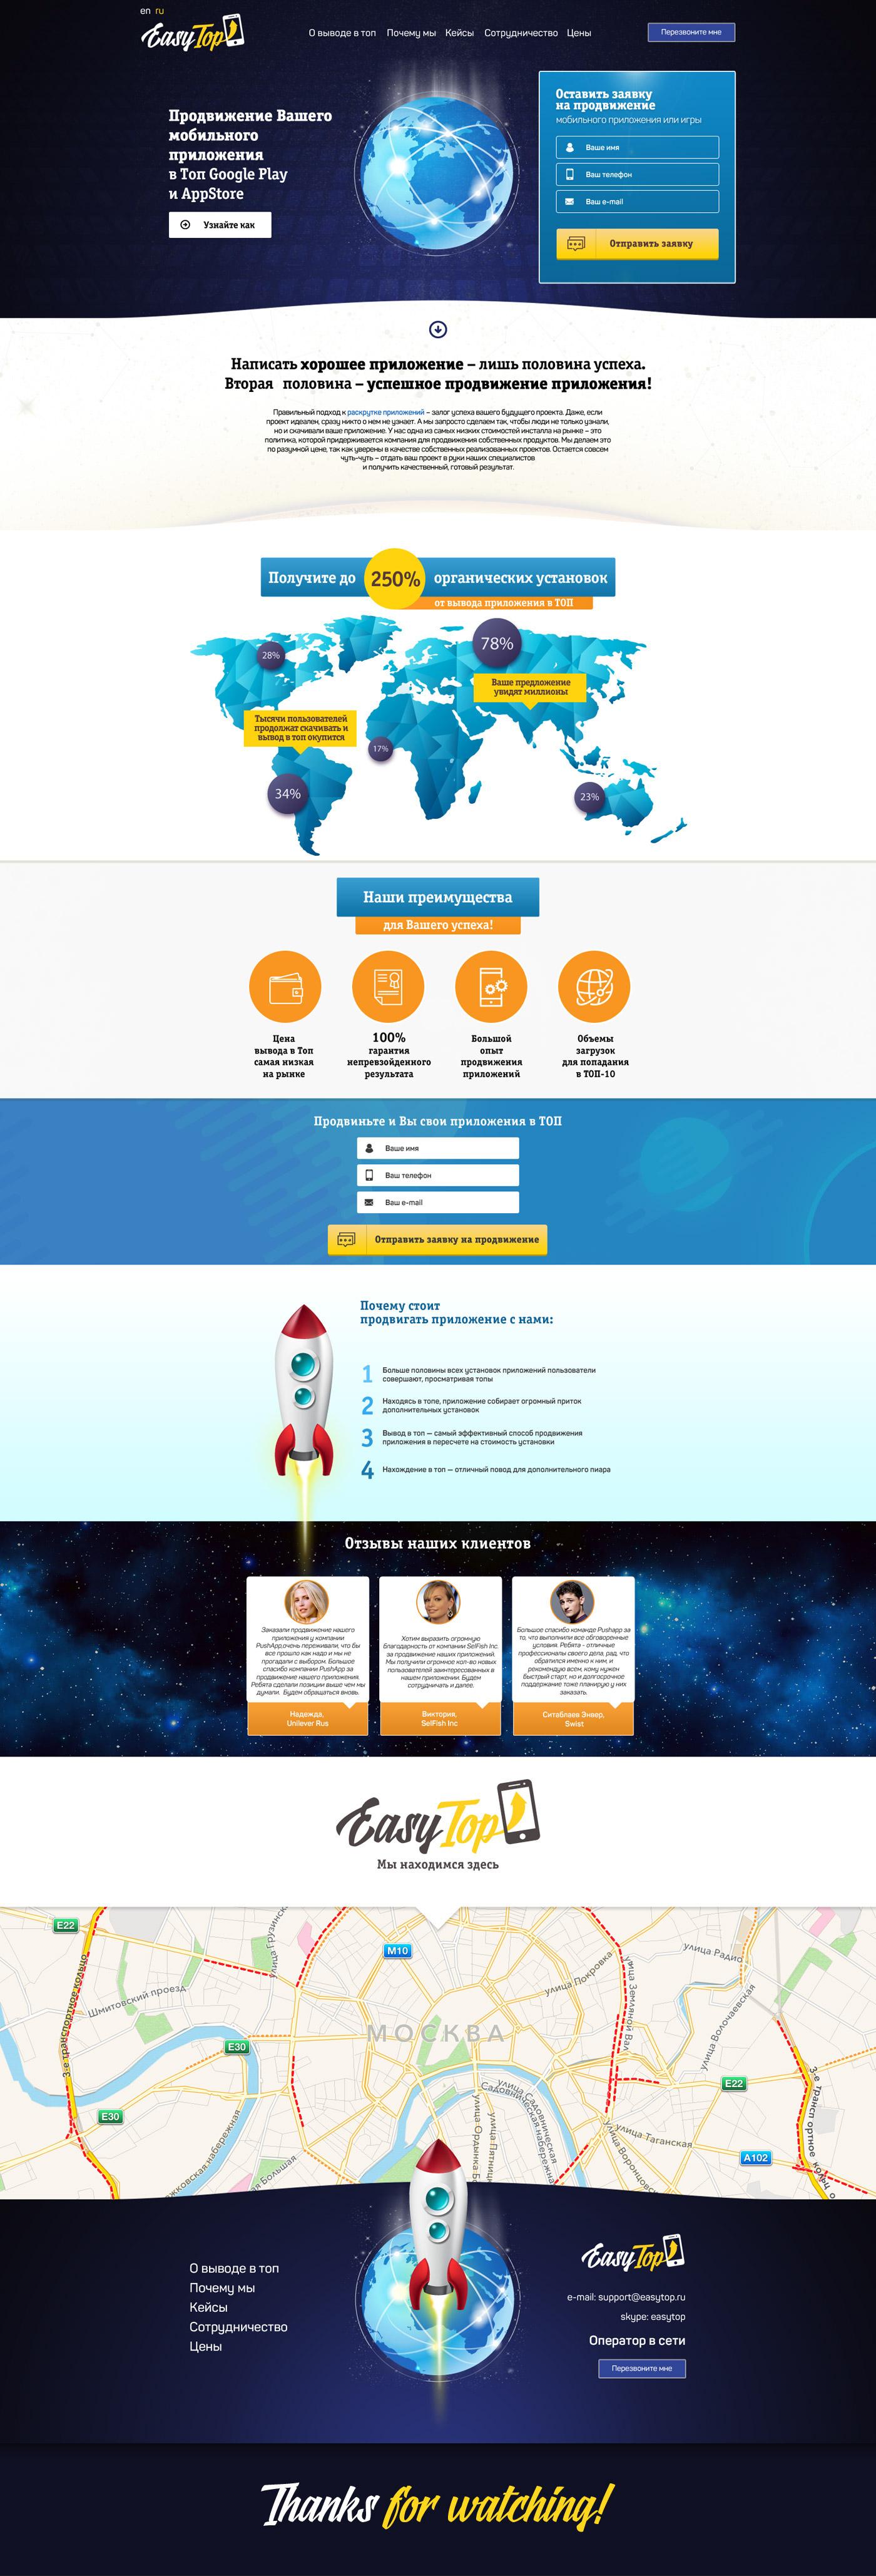 EasyTop landing page (+logo)